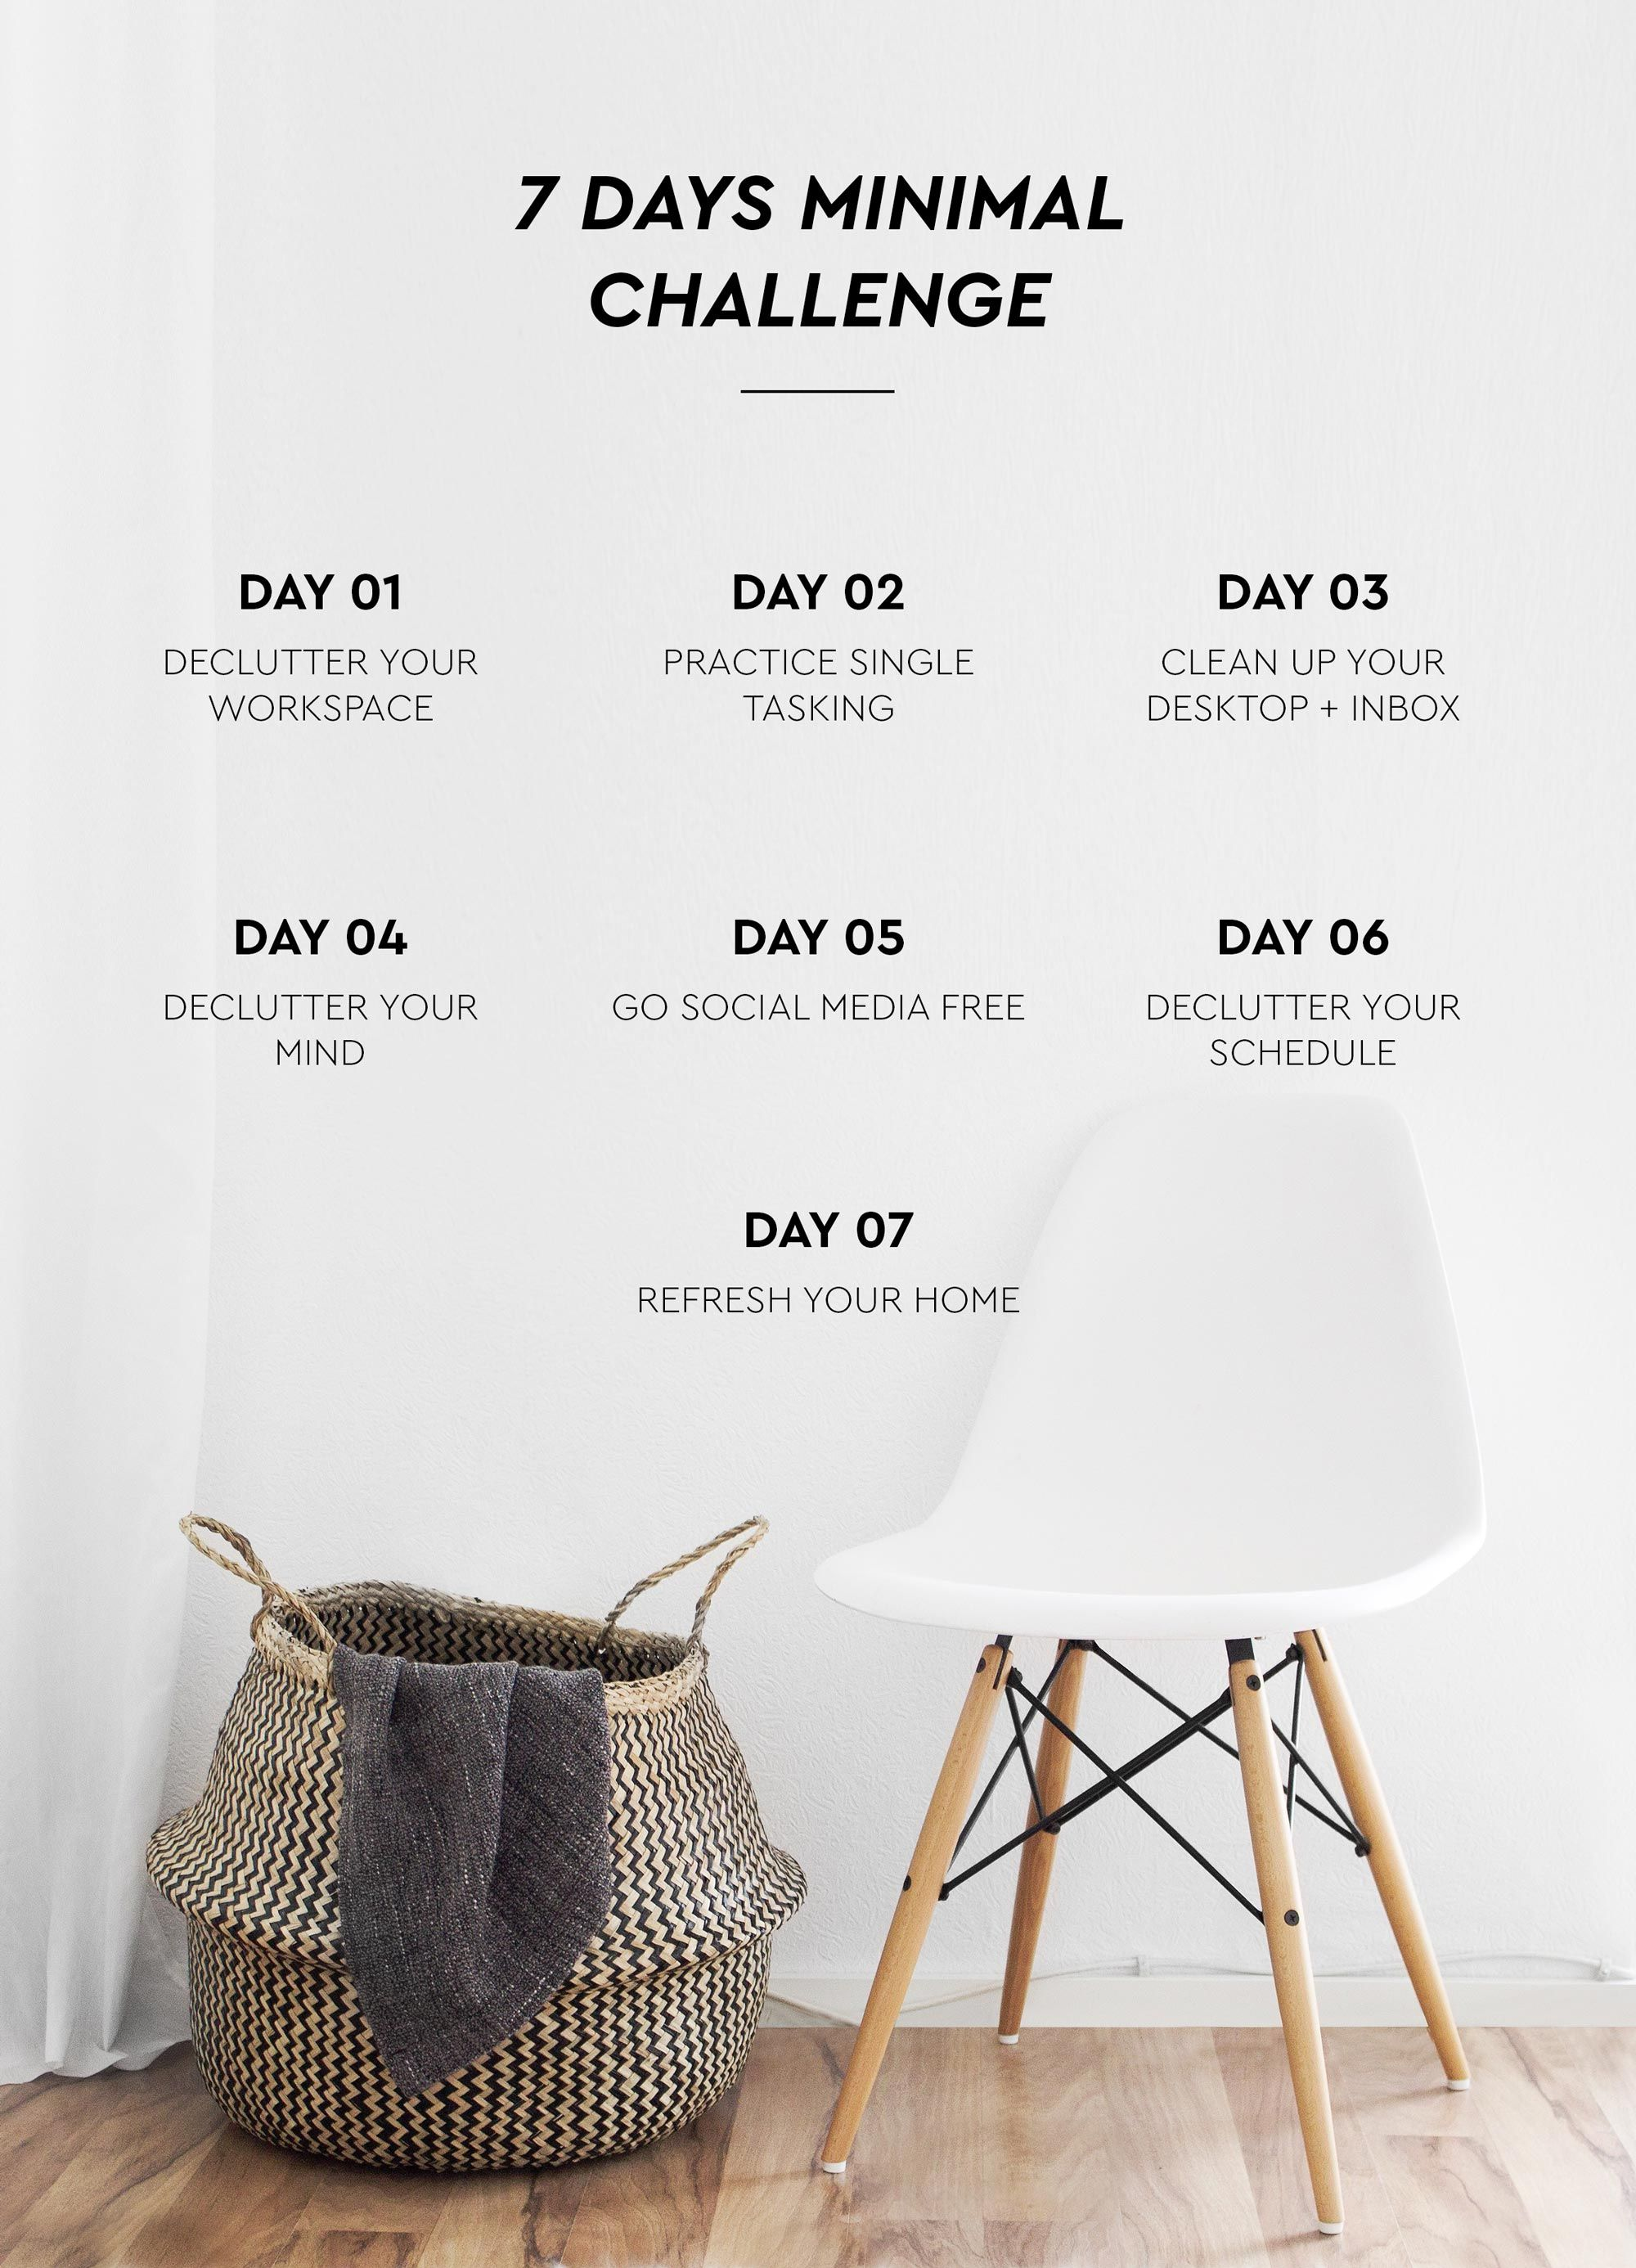 7 Days Minimal Challenge Minimalist Lifestyle Minimalist